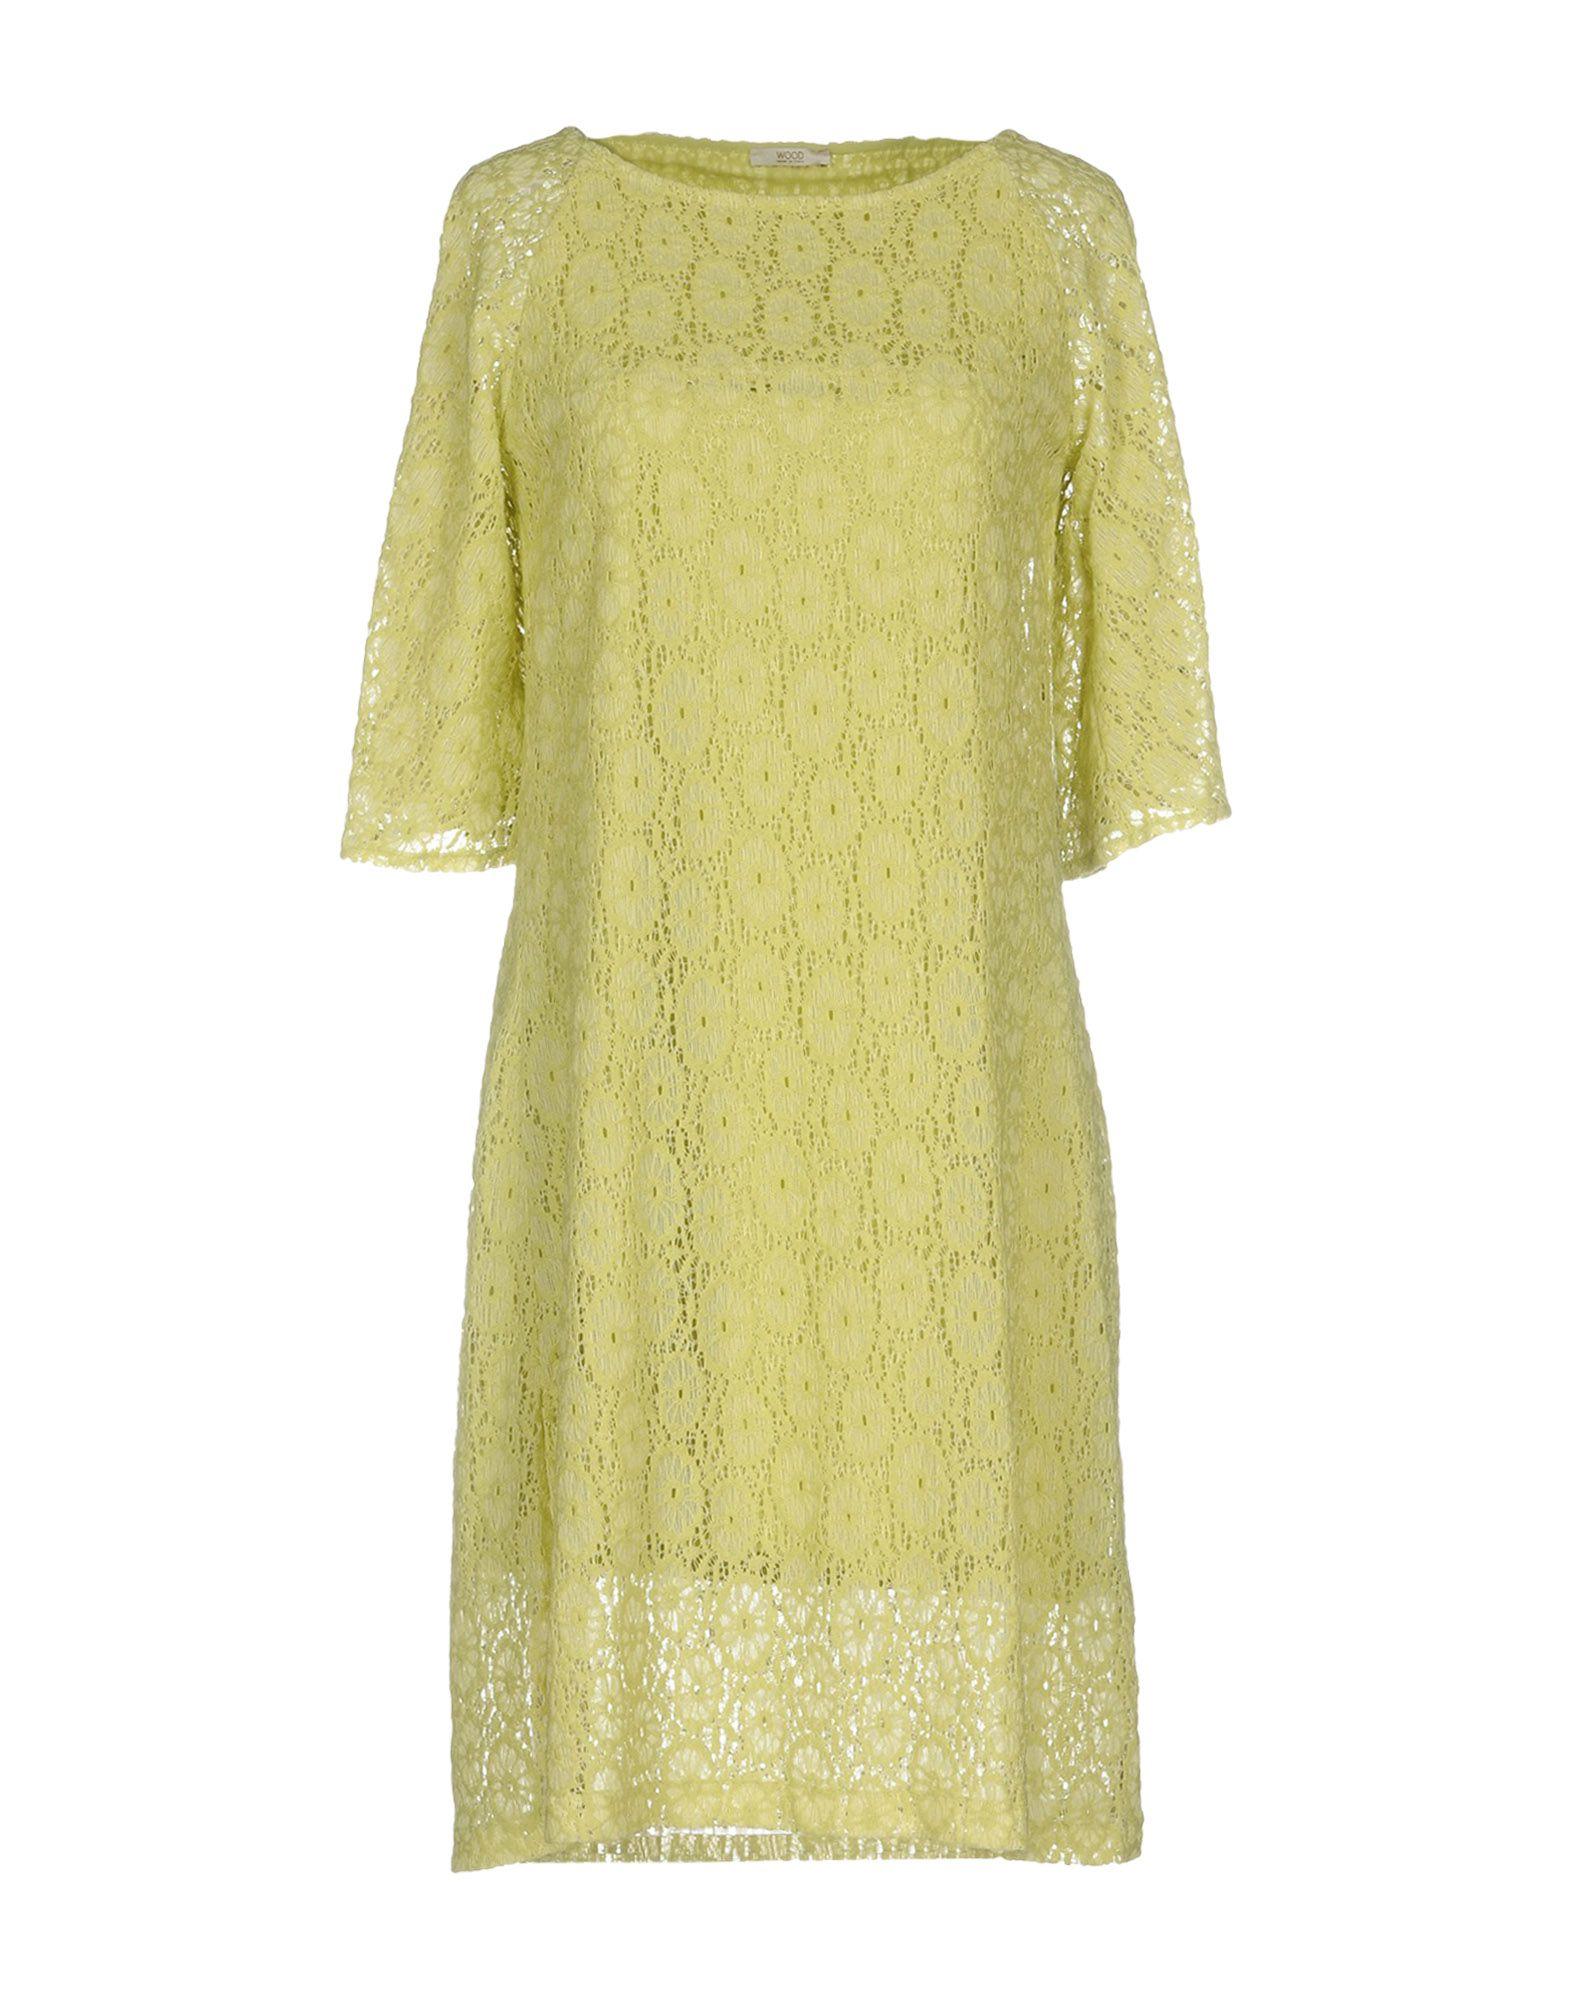 Vestito Vestito Corto Wood donna - 34821427NN  60% Rabatt sparen